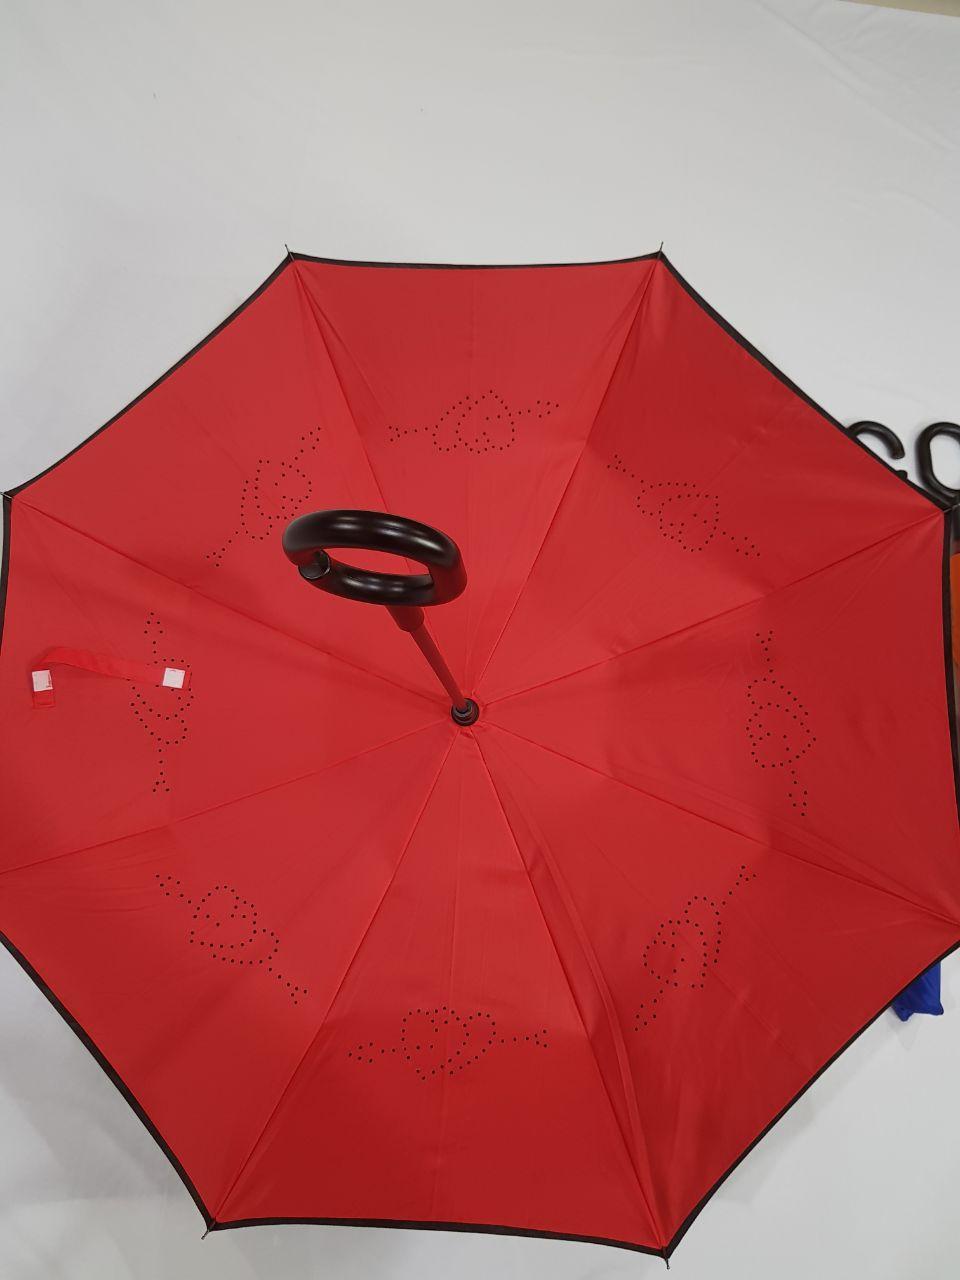 Payung Pria Termurah Terlengkap Kalibre Besar Kuning Umbrella Diameter 150 Cm Hujan Waterproof Anti Air Uv 995036 770